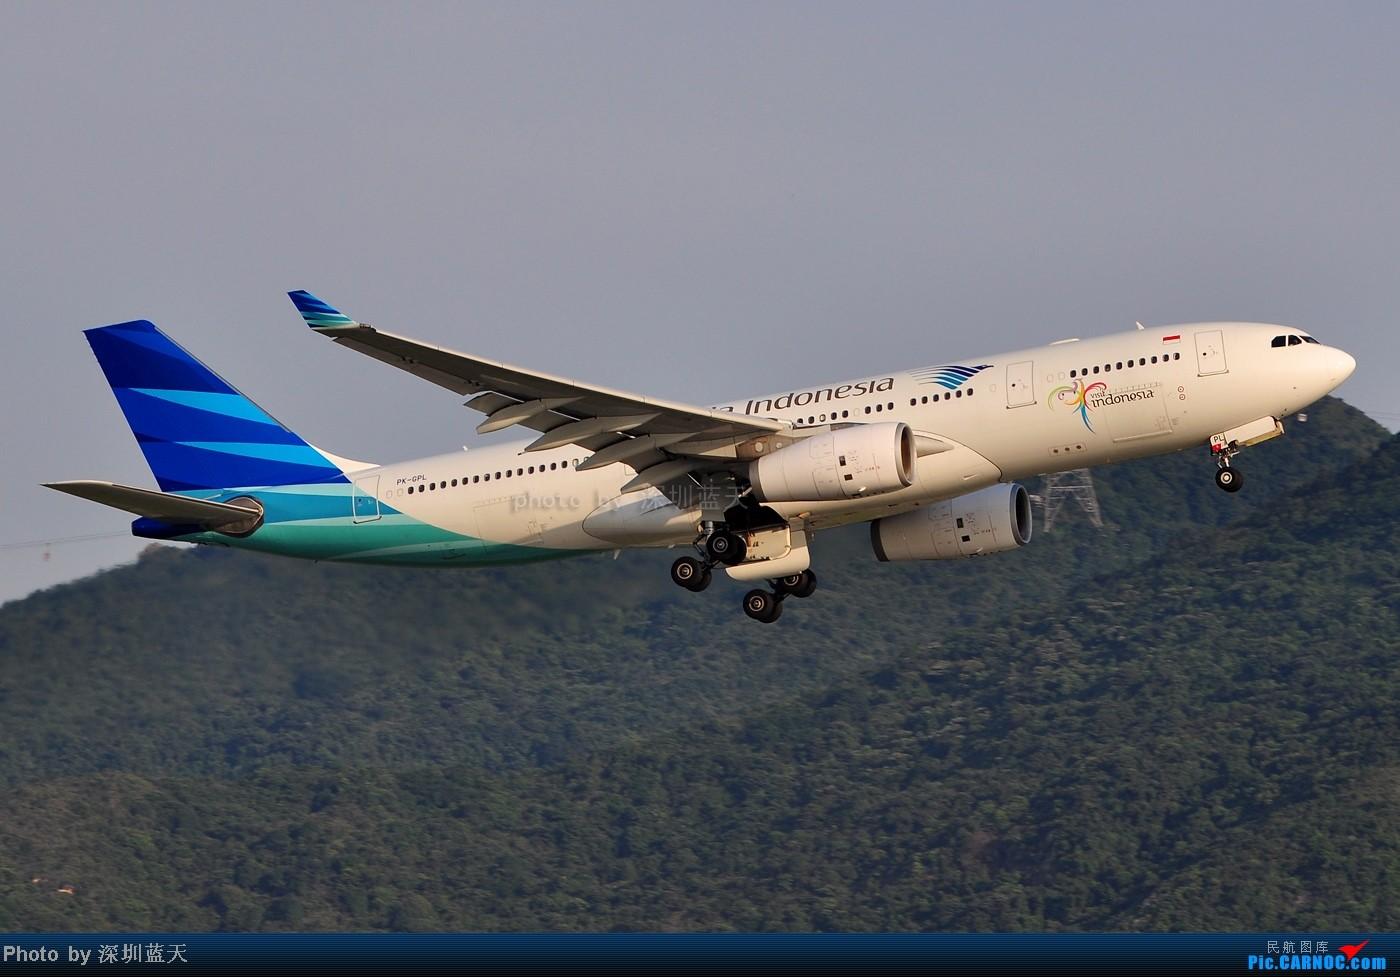 Re:[原创]【深圳飞友会】香港飞机维修区海堤起飞新拍—泰航A380斐济A330新装等 AIRBUS A330-243 PK-GPL 中国香港赤鱲角国际机场